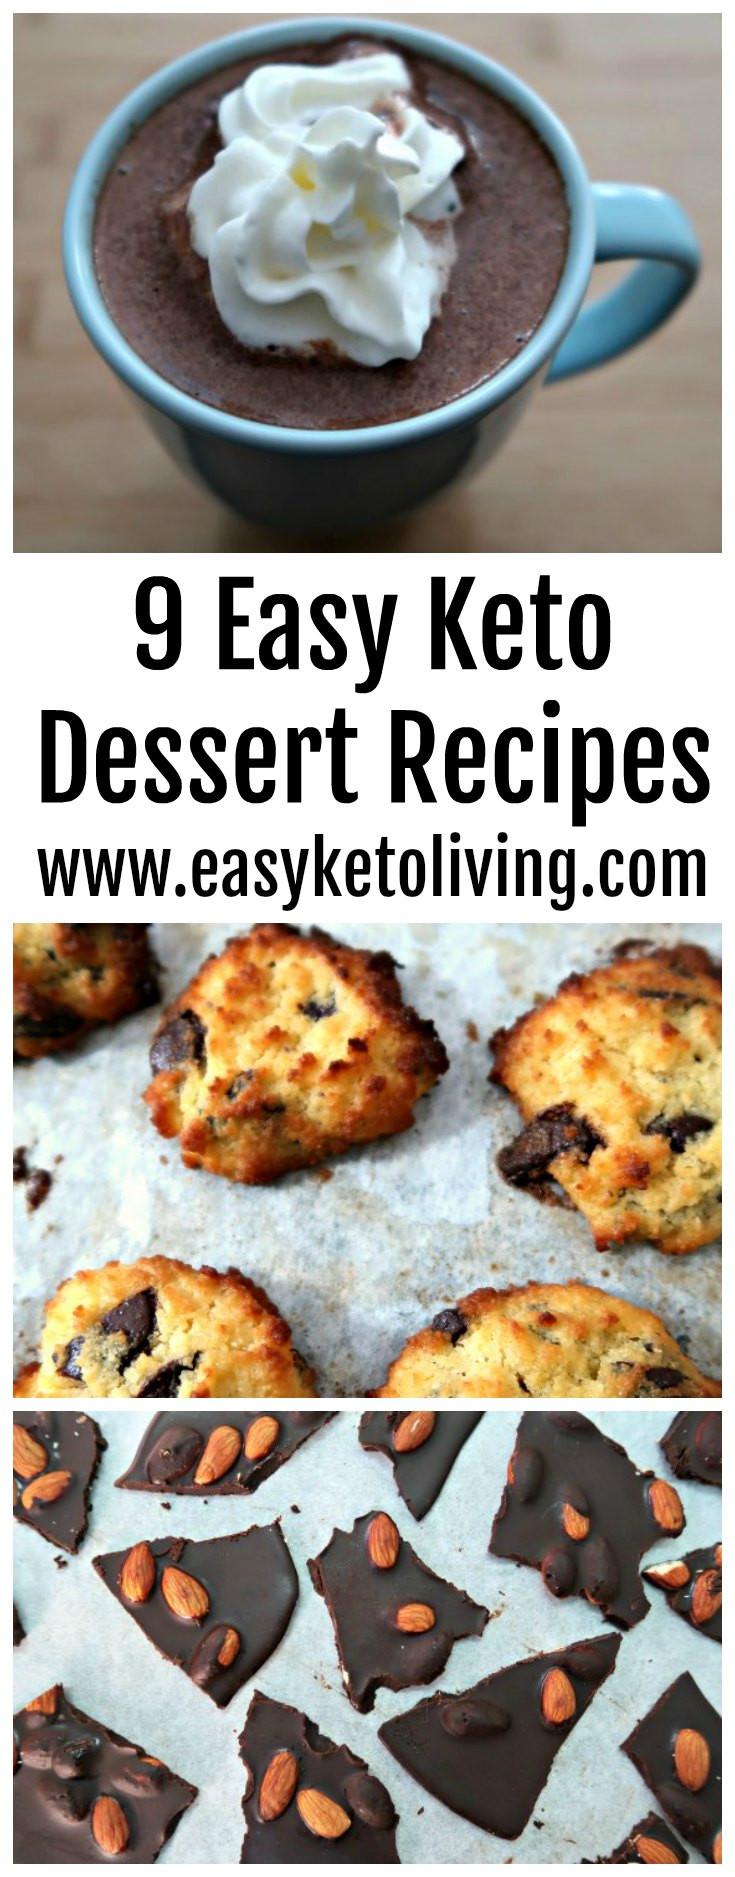 Keto Diet Dessert Recipes  9 Easy Keto Dessert Recipes Quick Low Carb Ketogenic